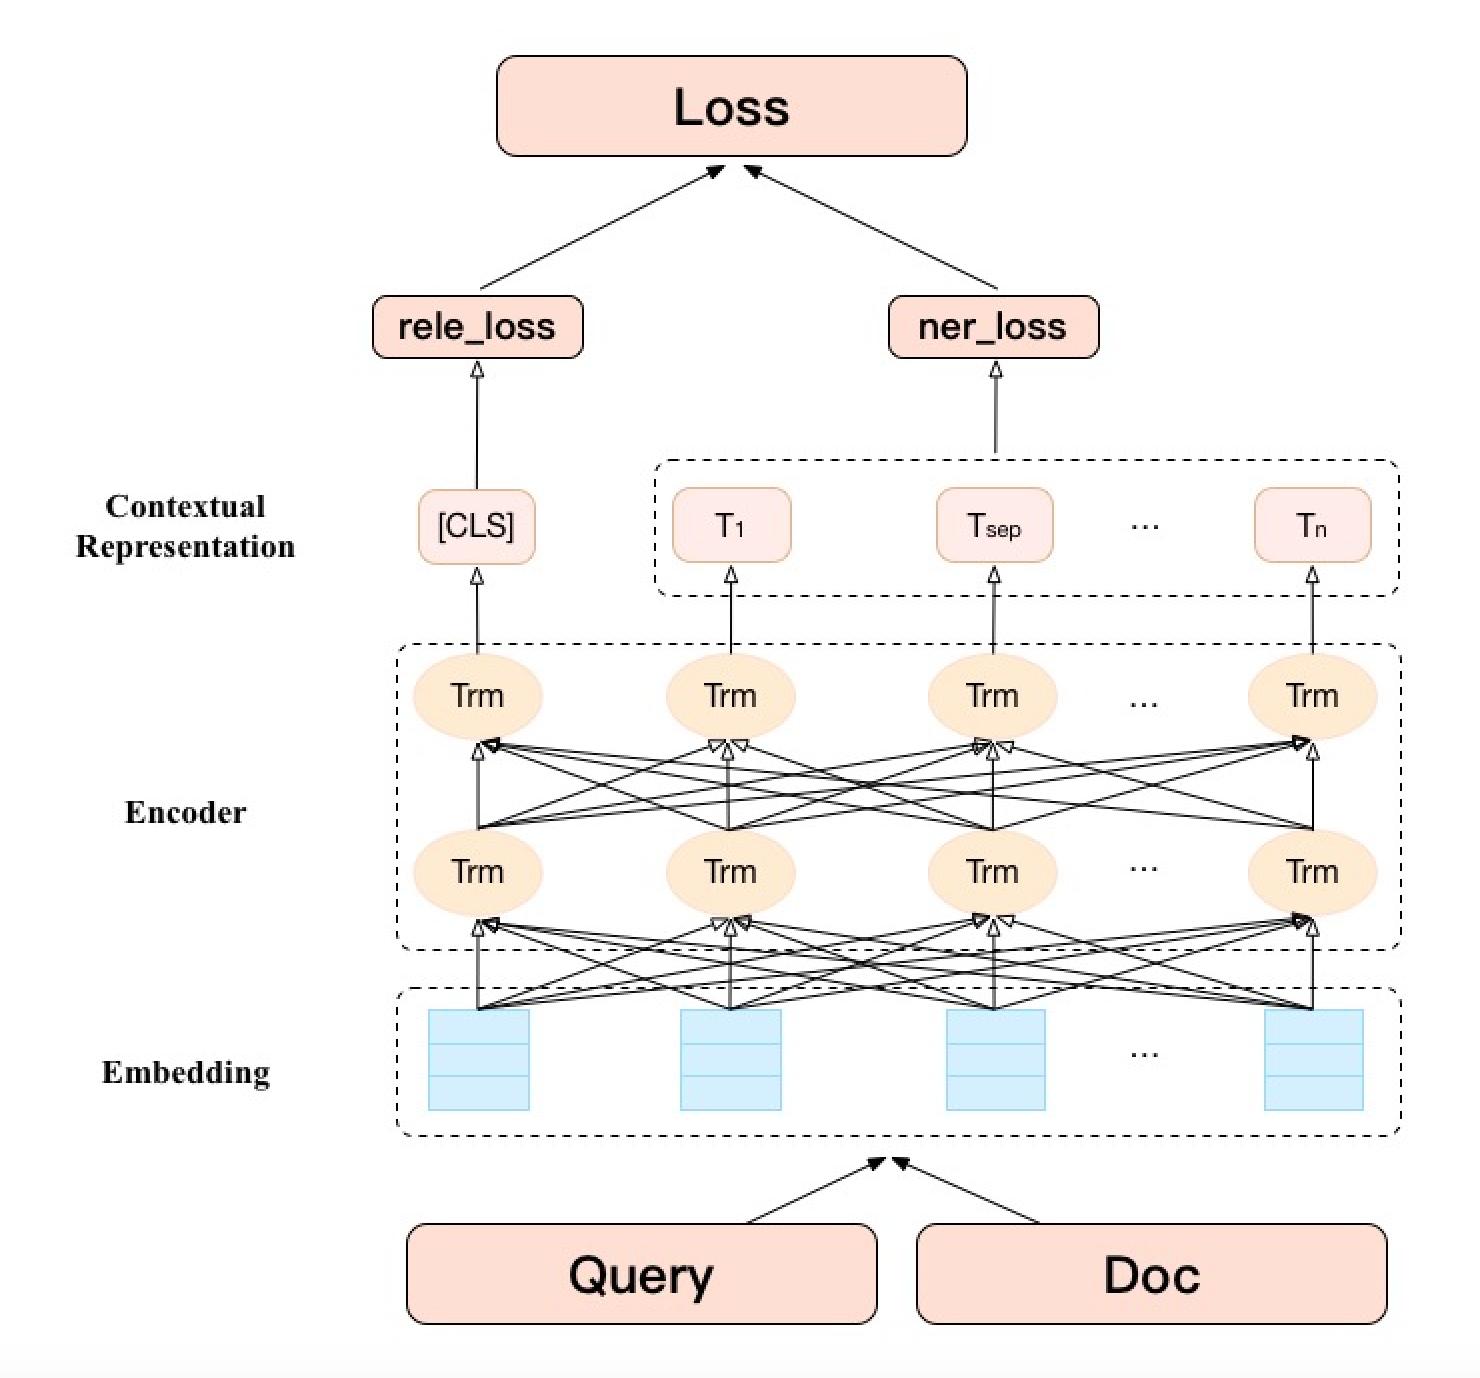 图5 实体成分一致性学习模型结构